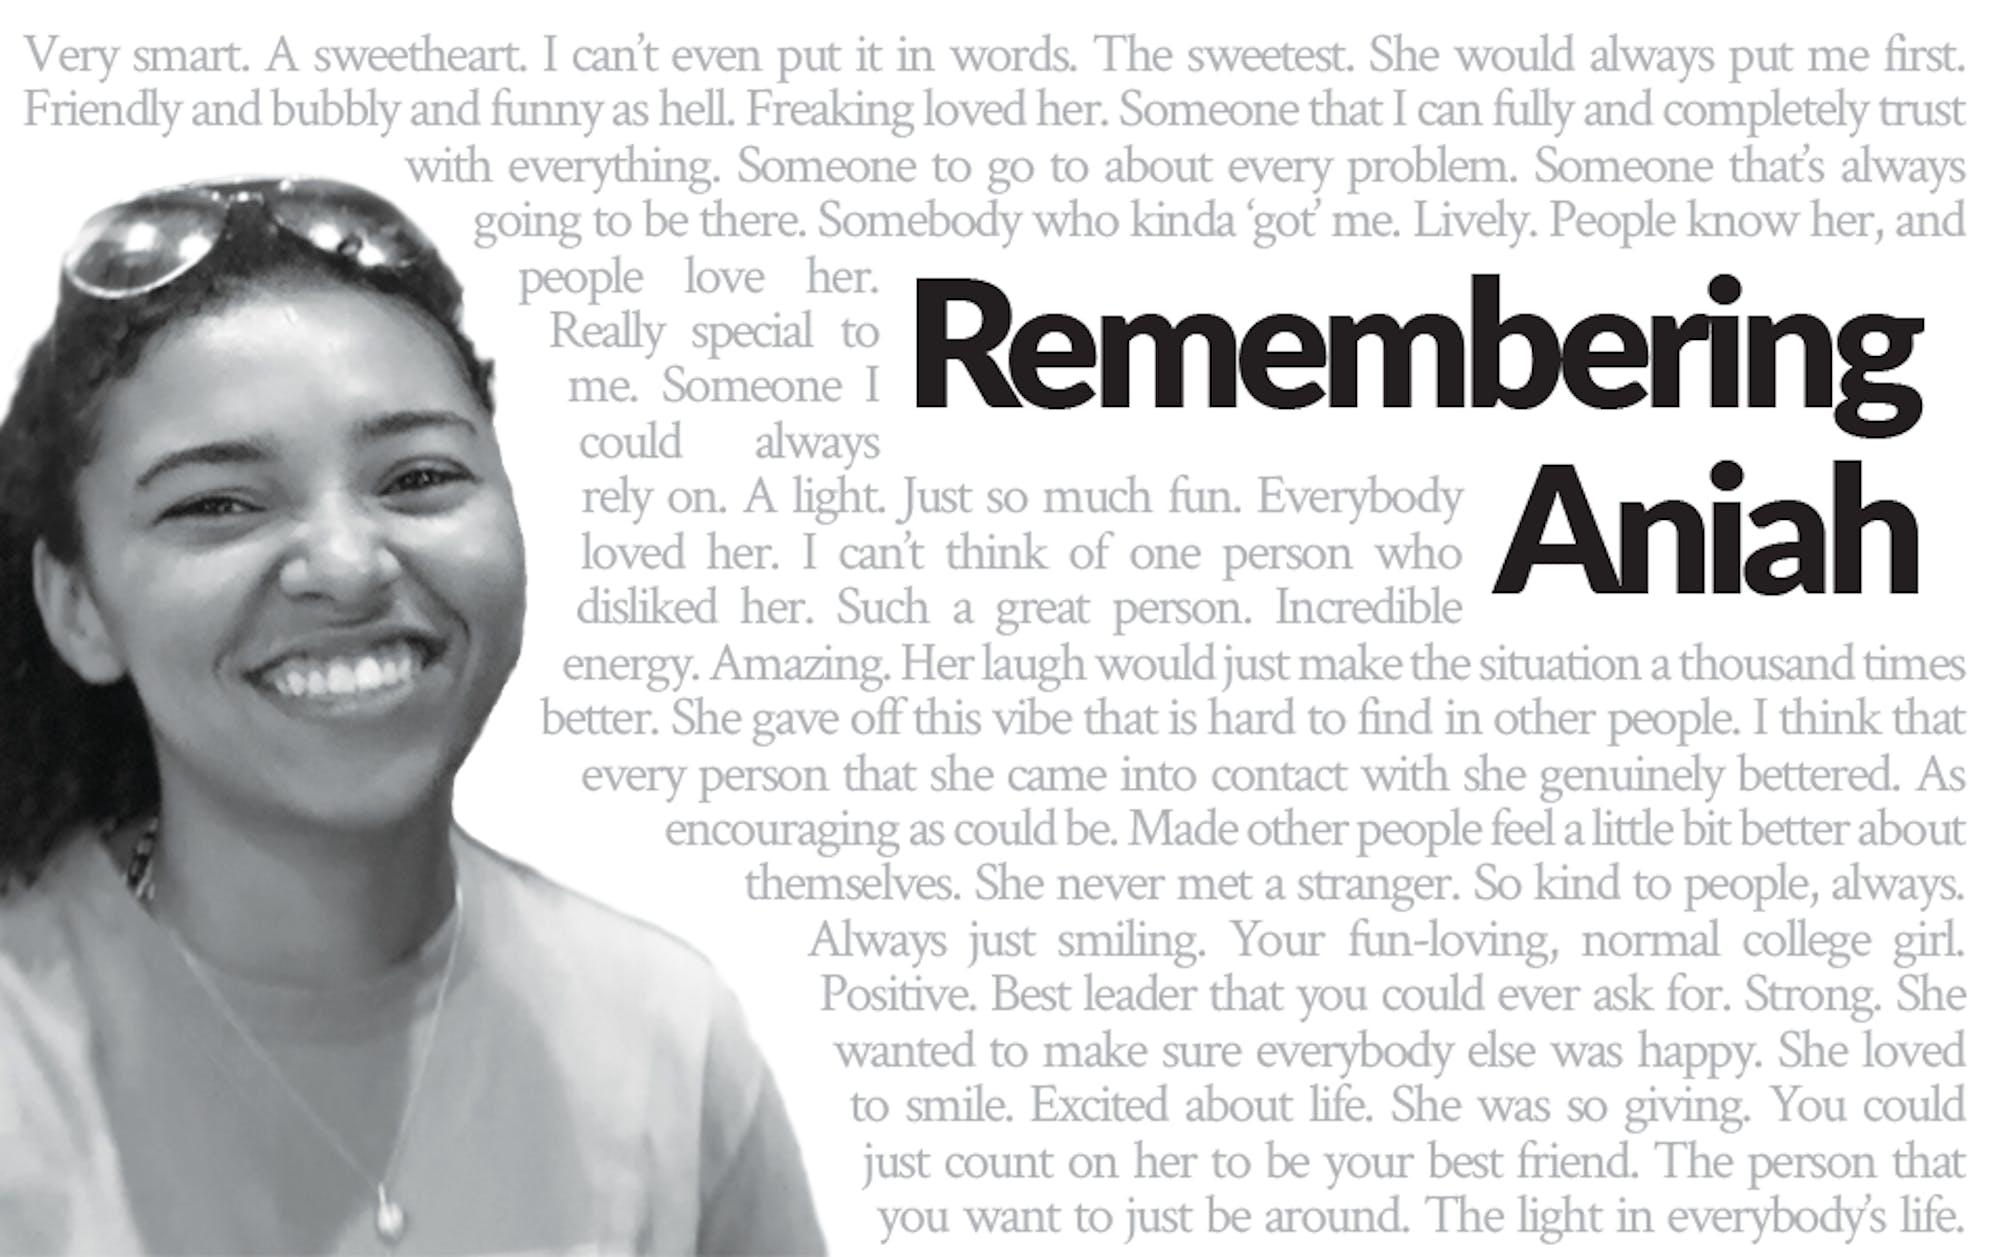 Remembering Aniah